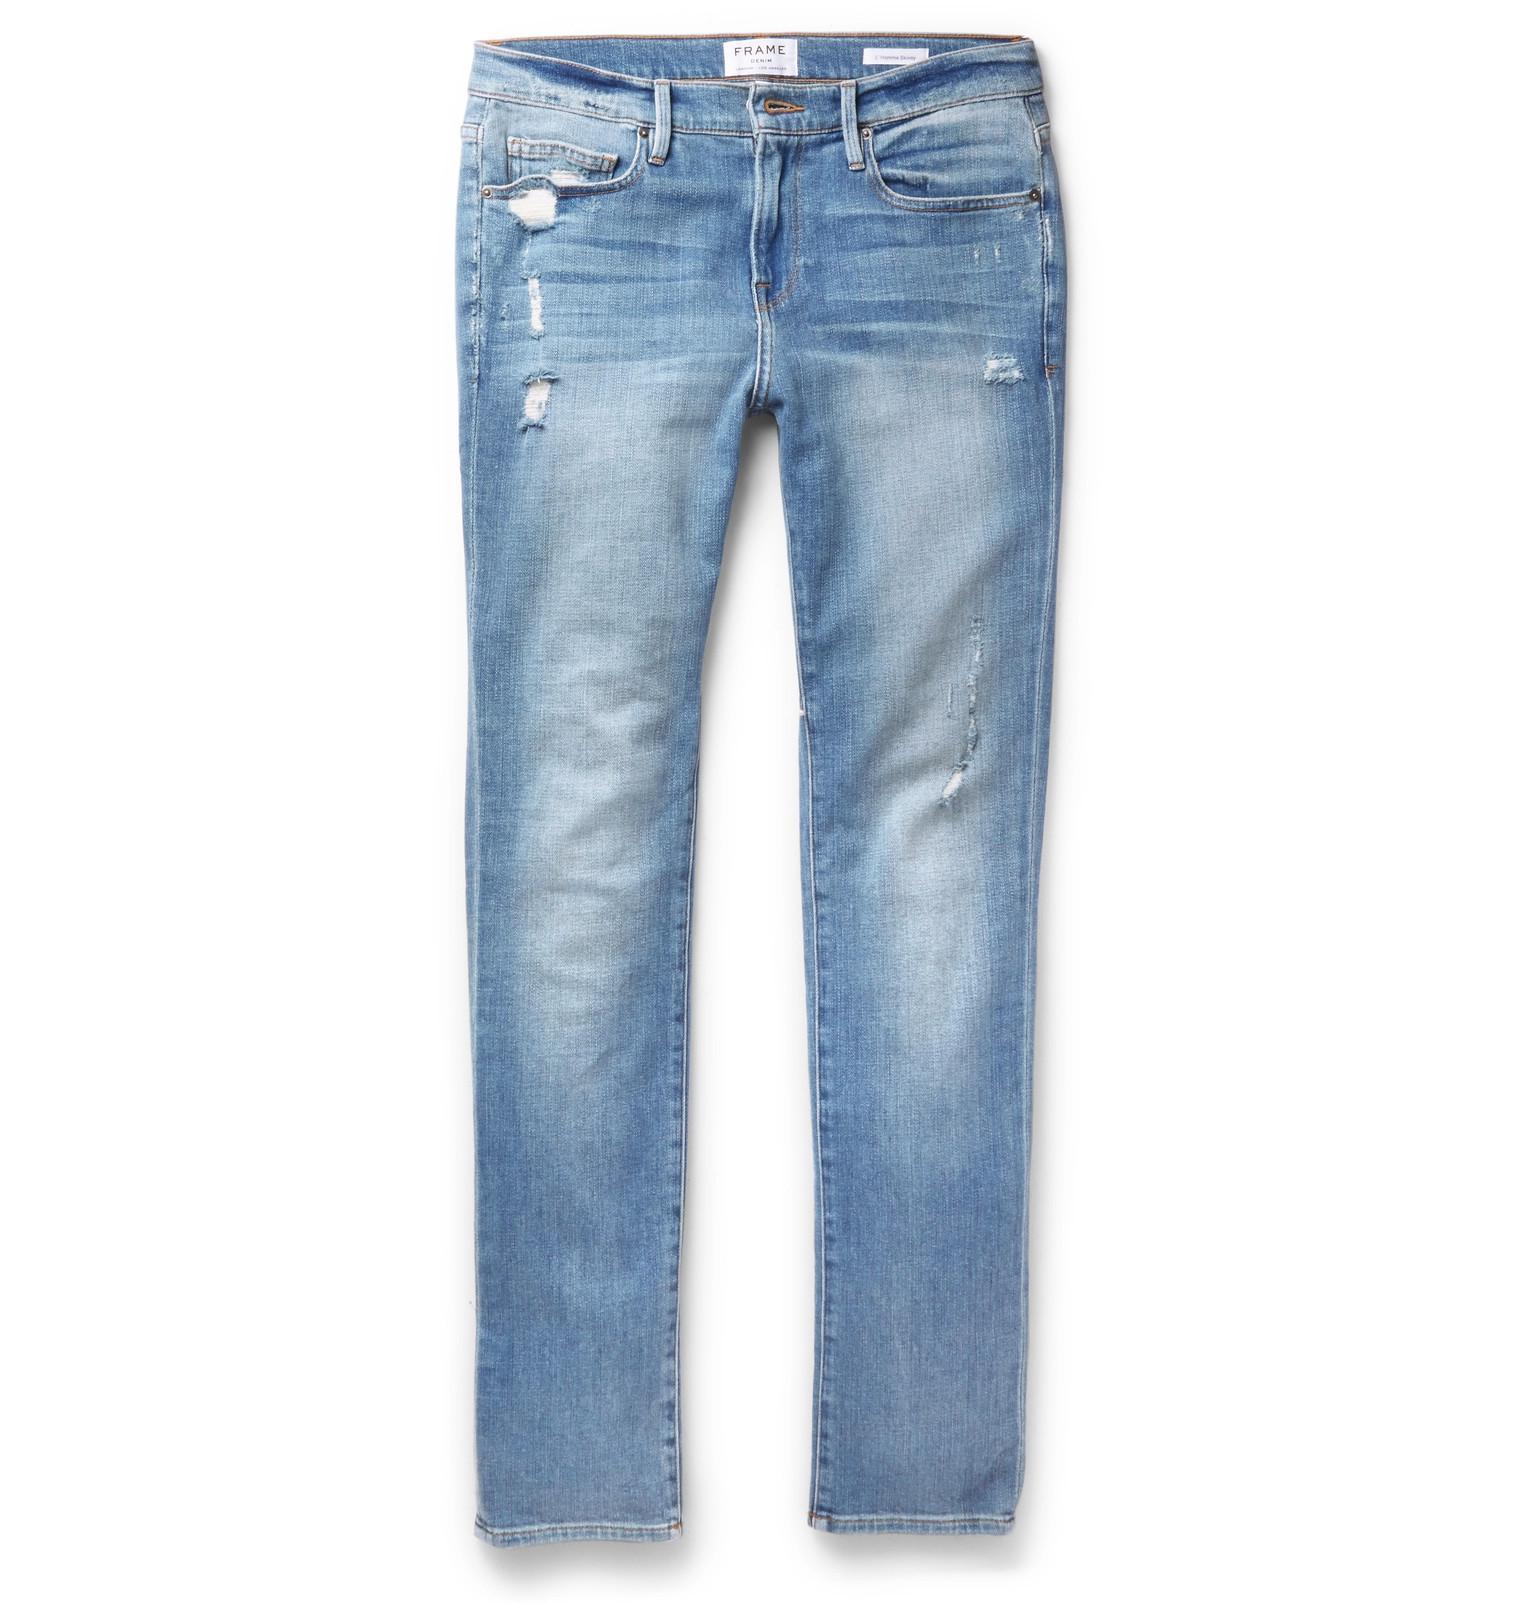 frame l 39 homme slim fit distressed stretch denim jeans in blue for men lyst. Black Bedroom Furniture Sets. Home Design Ideas